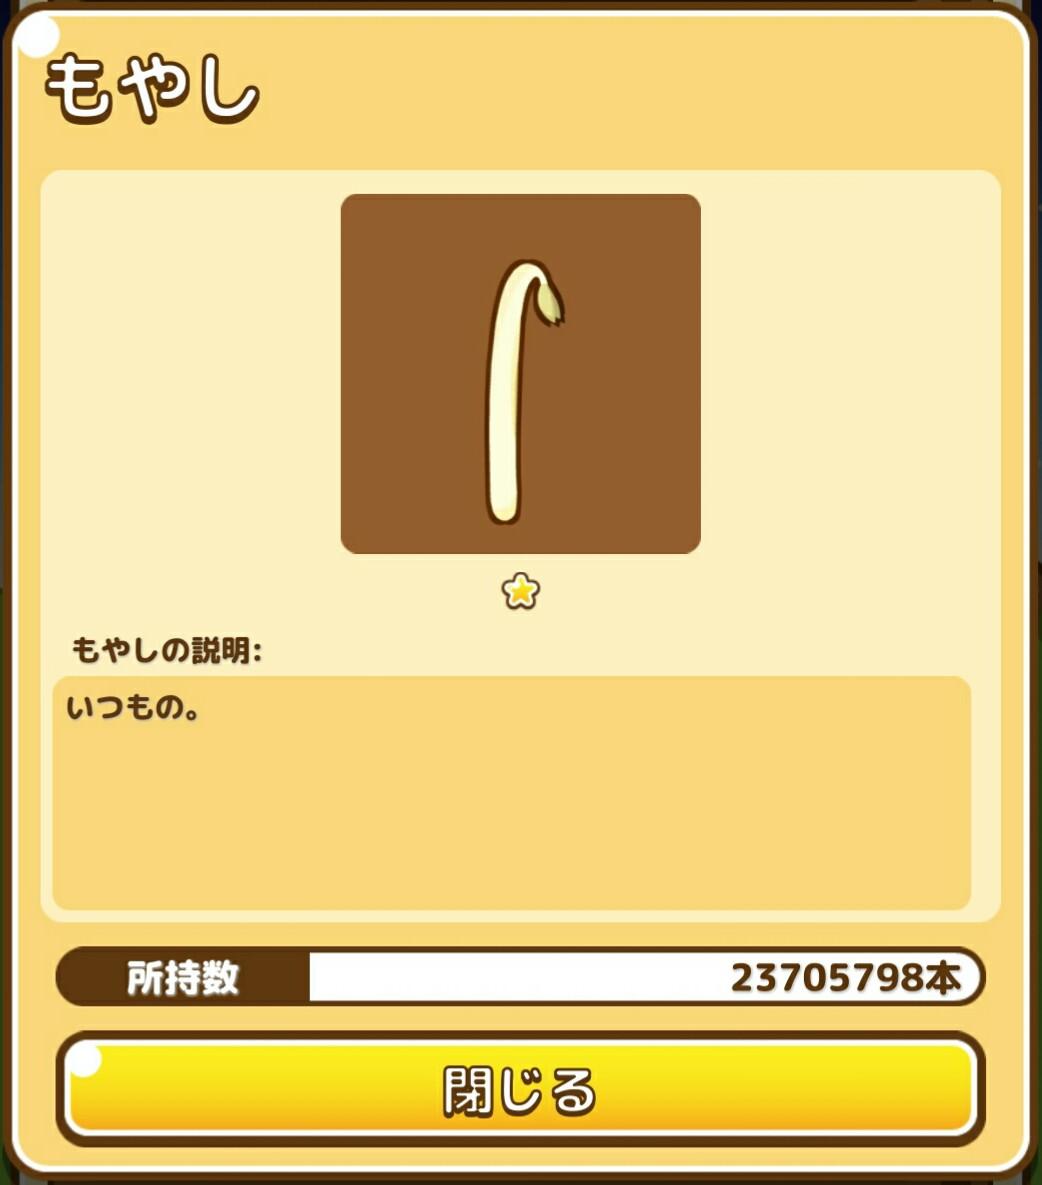 f:id:yazukka:20210301175152j:plain